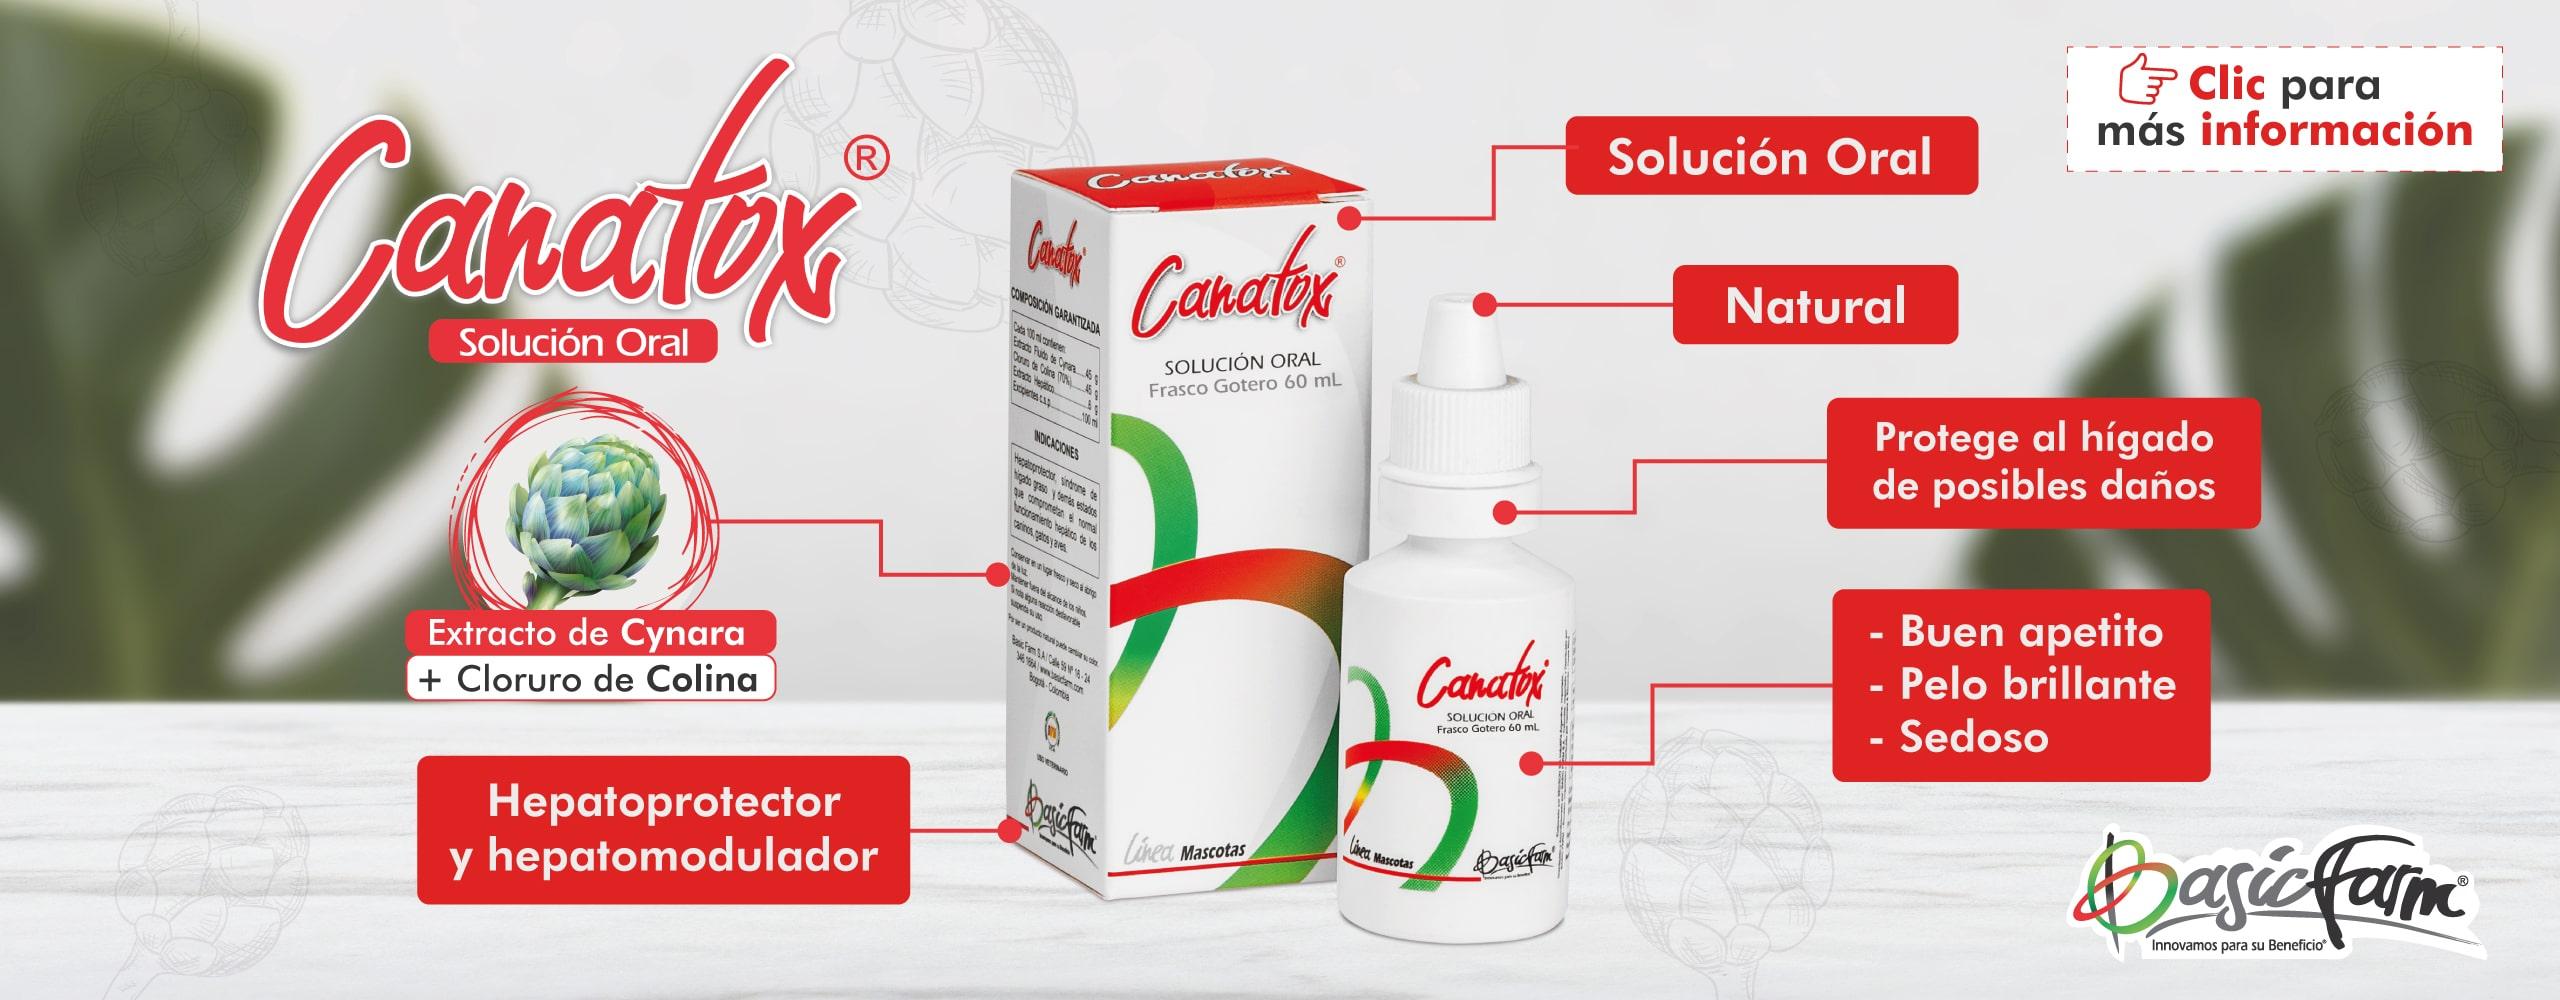 canatox ecuador pagina min